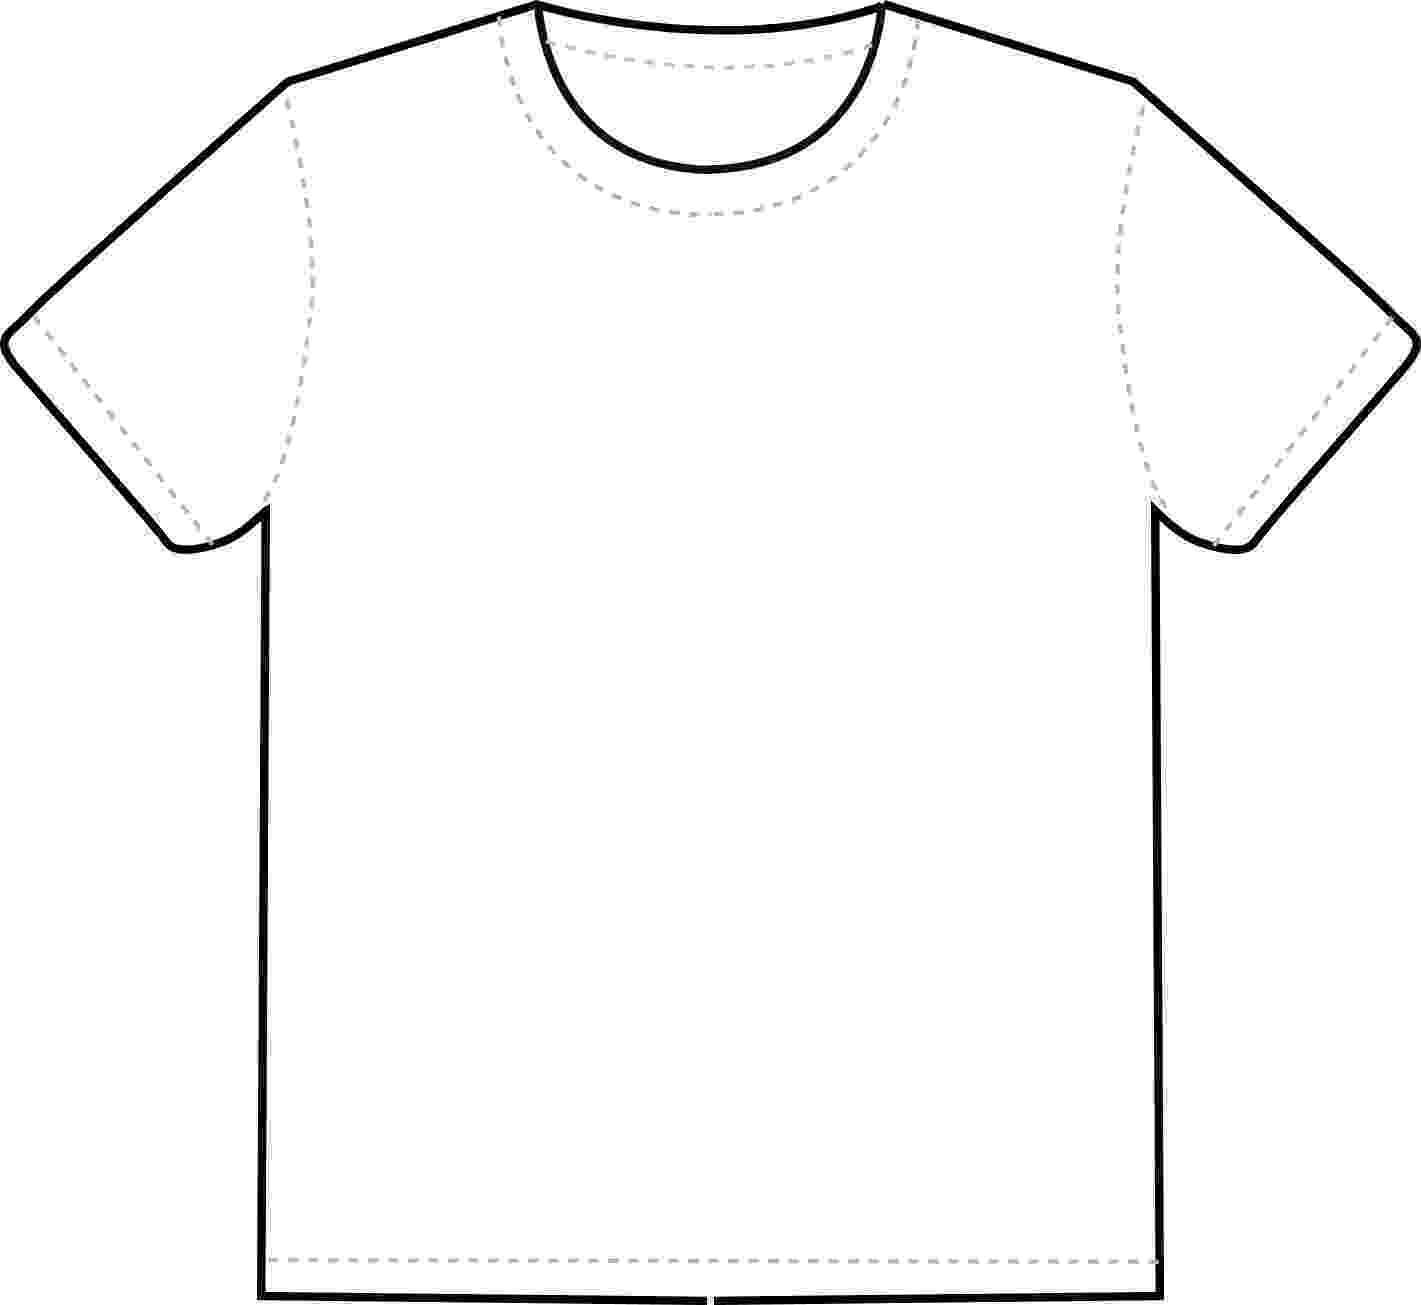 blank tshirt template pdf free blank tshirt download free clip art free clip art template pdf tshirt blank